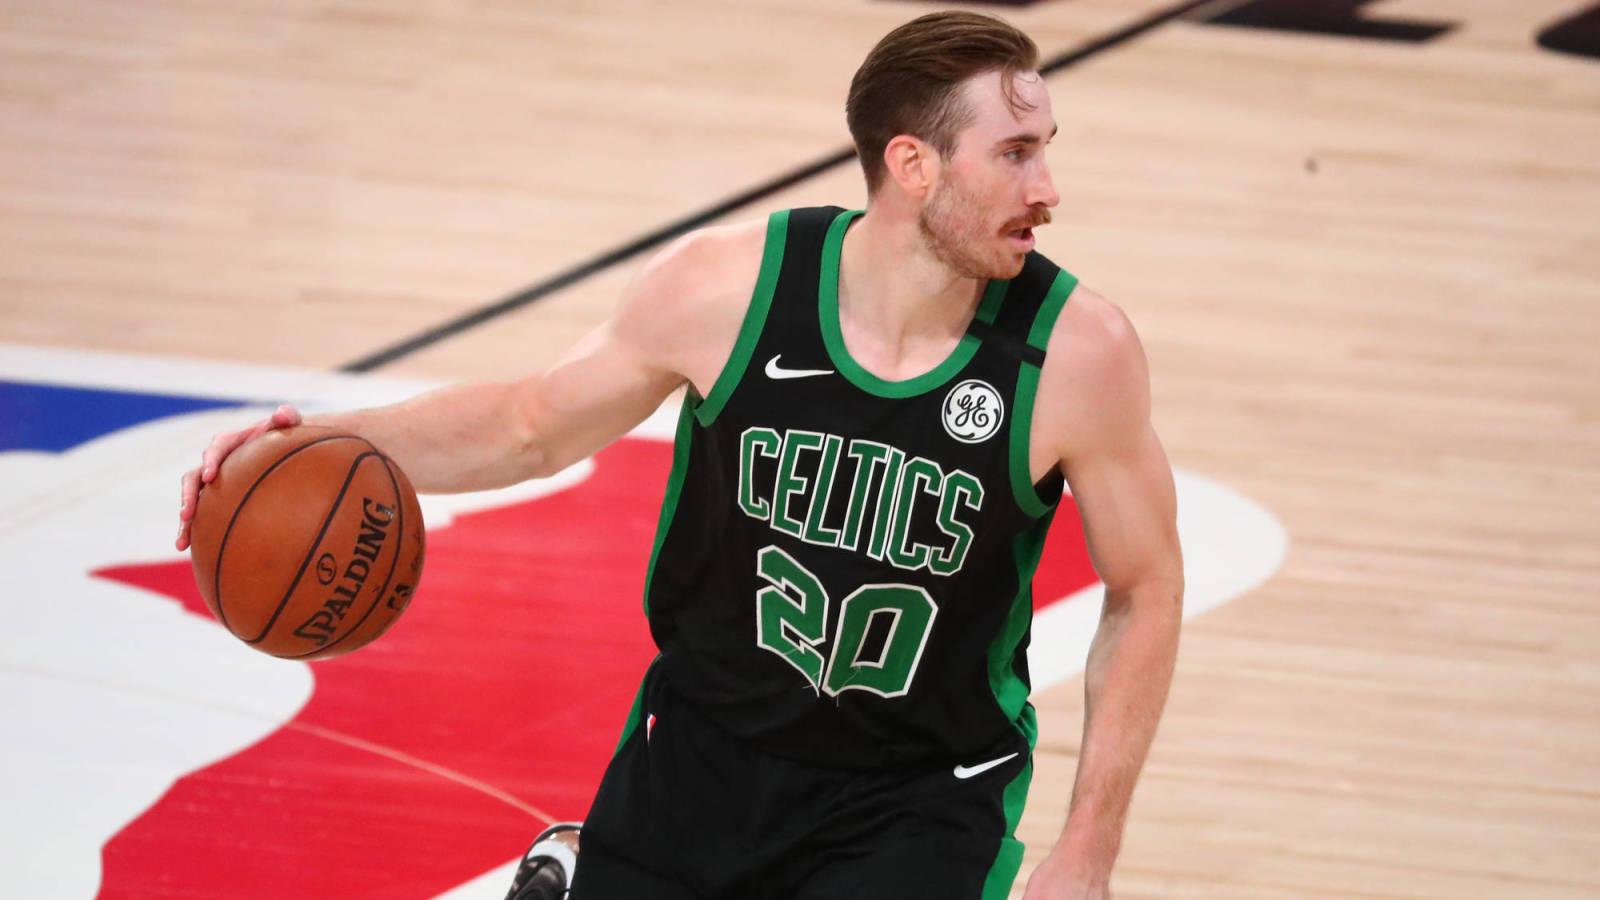 Celtics president Danny Ainge weighs in on Gordon...